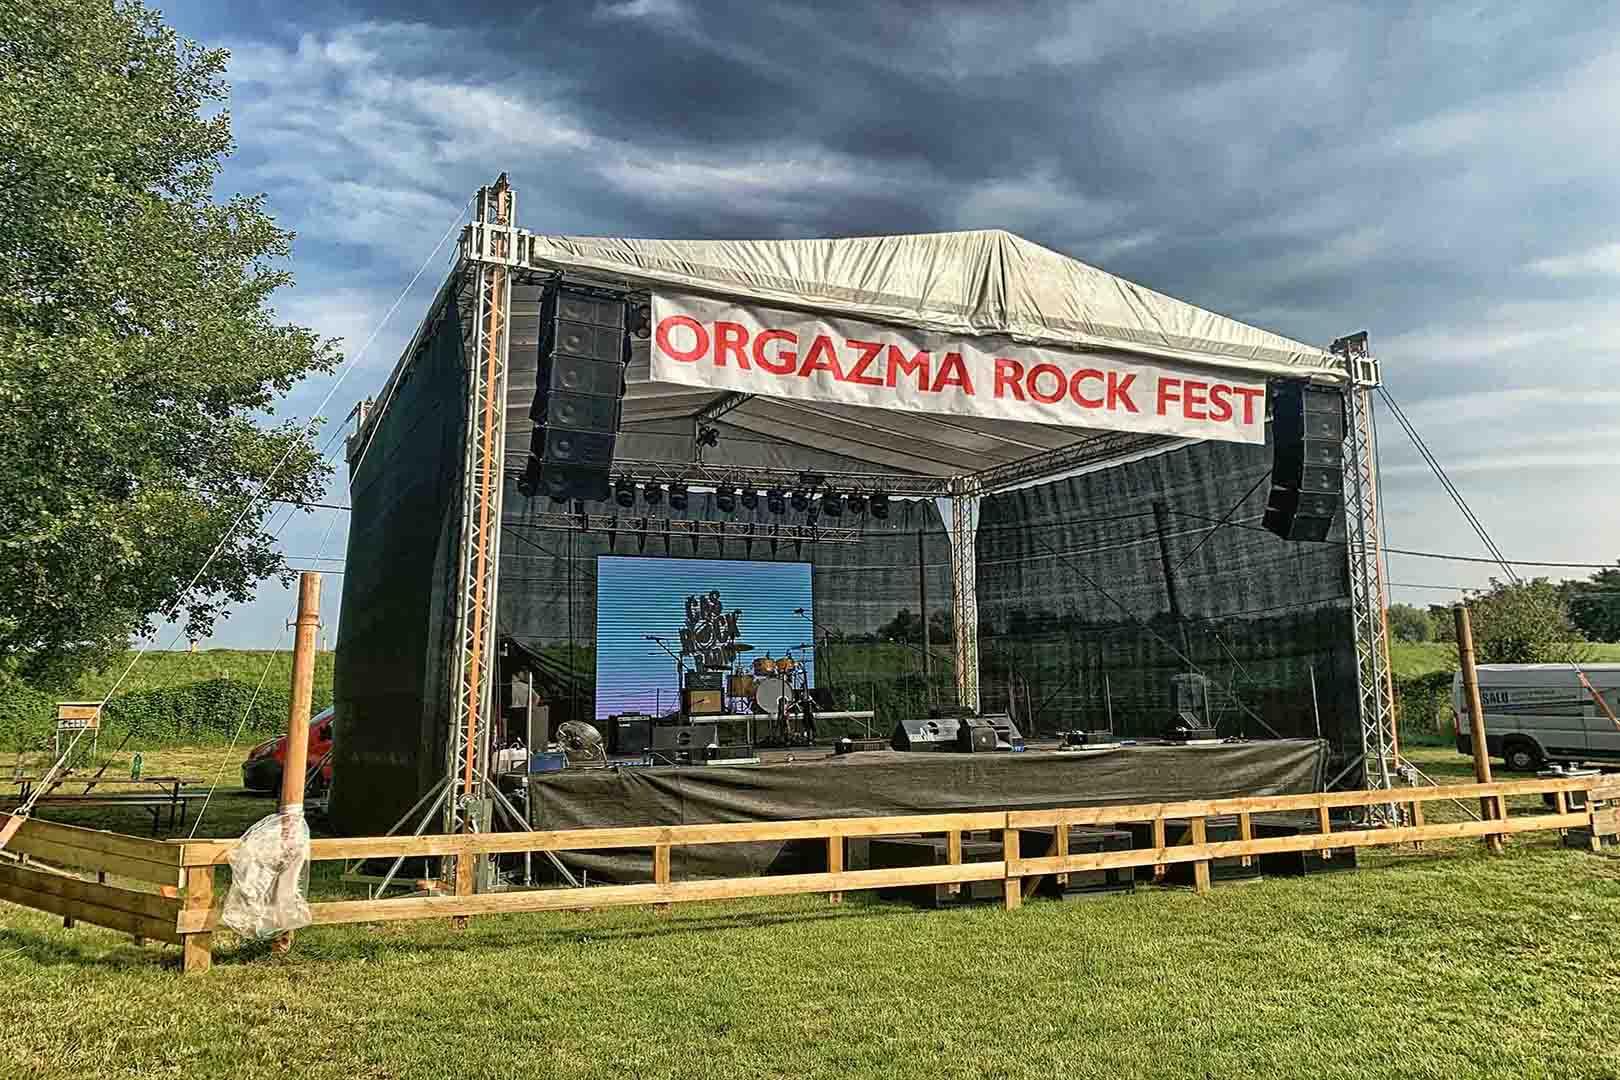 OrgazmaRock - Ozvučení a osvětlení akcí - GM Live - 9. 7. 2019 -